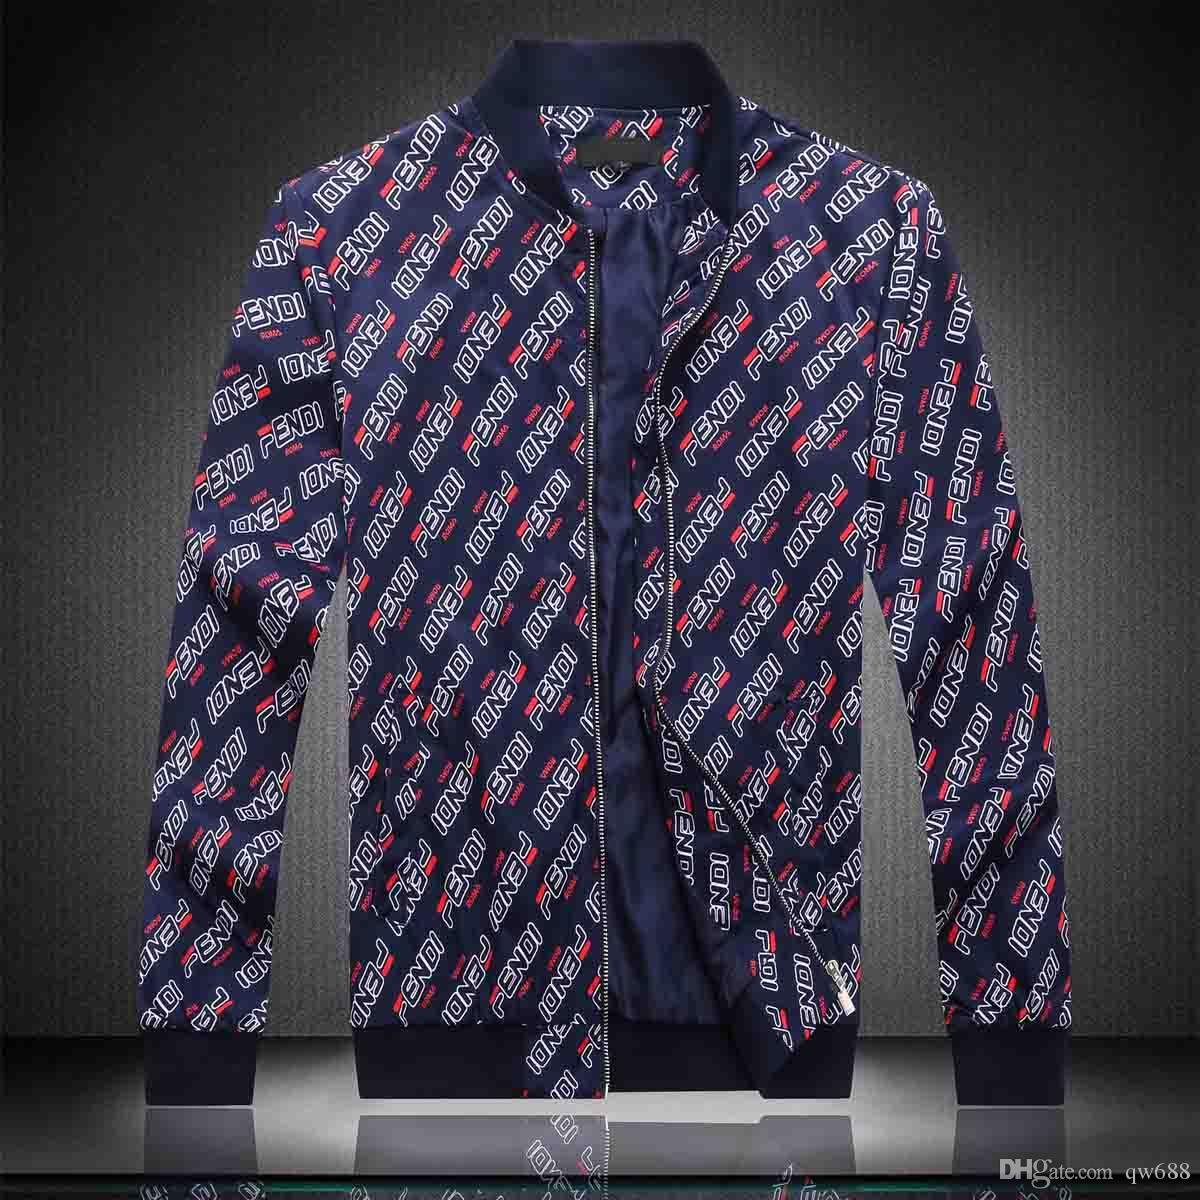 Мода куртка ветровка с длинным рукавом мужские куртки толстовка одежда молния с рисунком животных письмо плюс размер одежды M-3XL